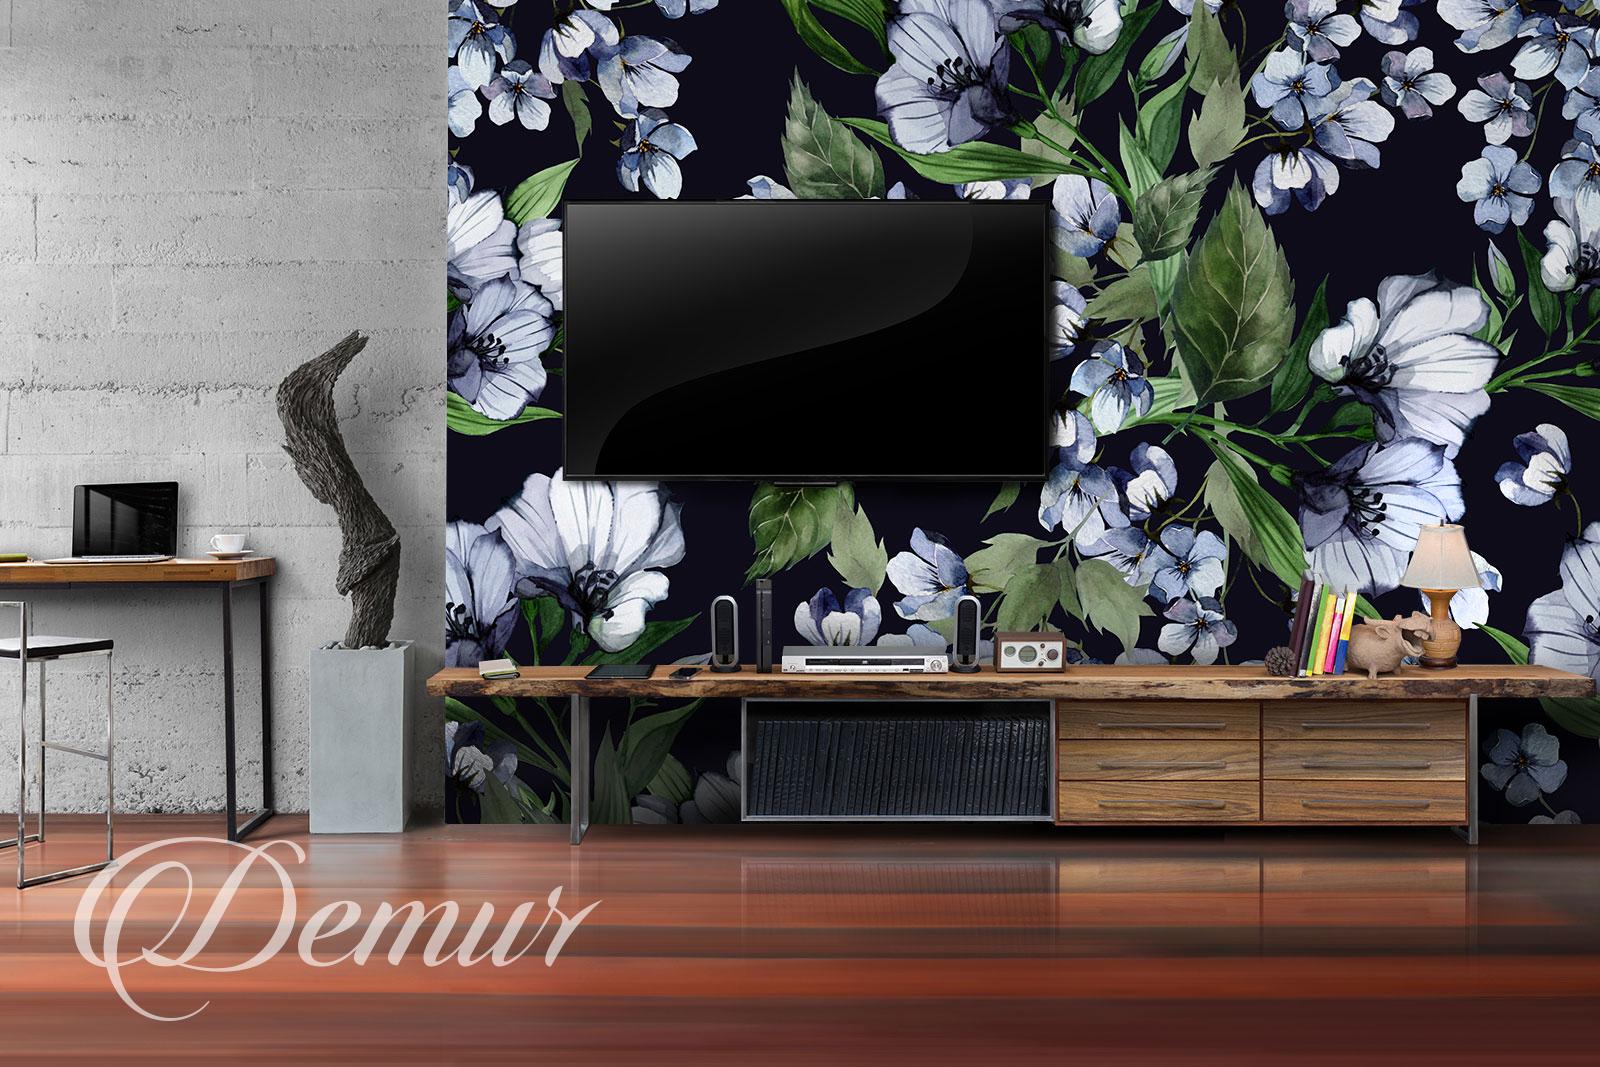 Fototapeta kwiatowy wzór - Pomysł na ścianę z telewizorem - Demur